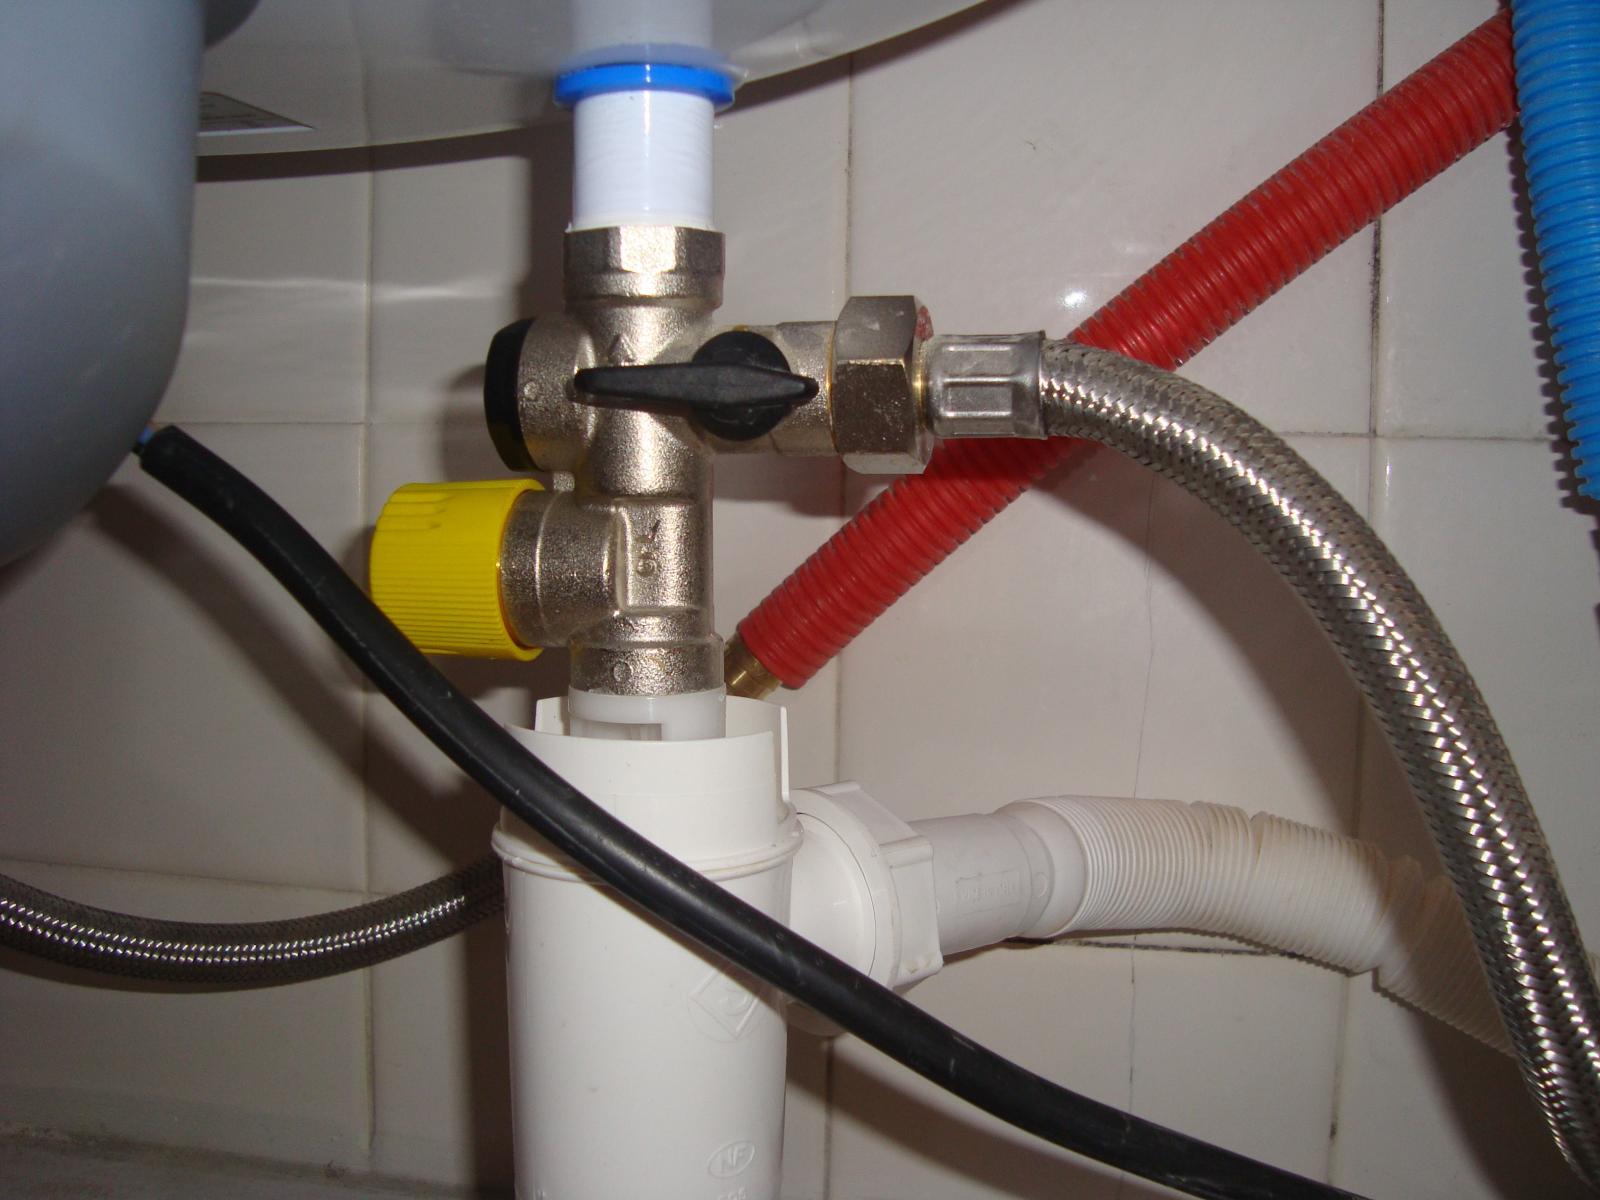 Eau chaude puis ti de - Pression d eau au robinet ...